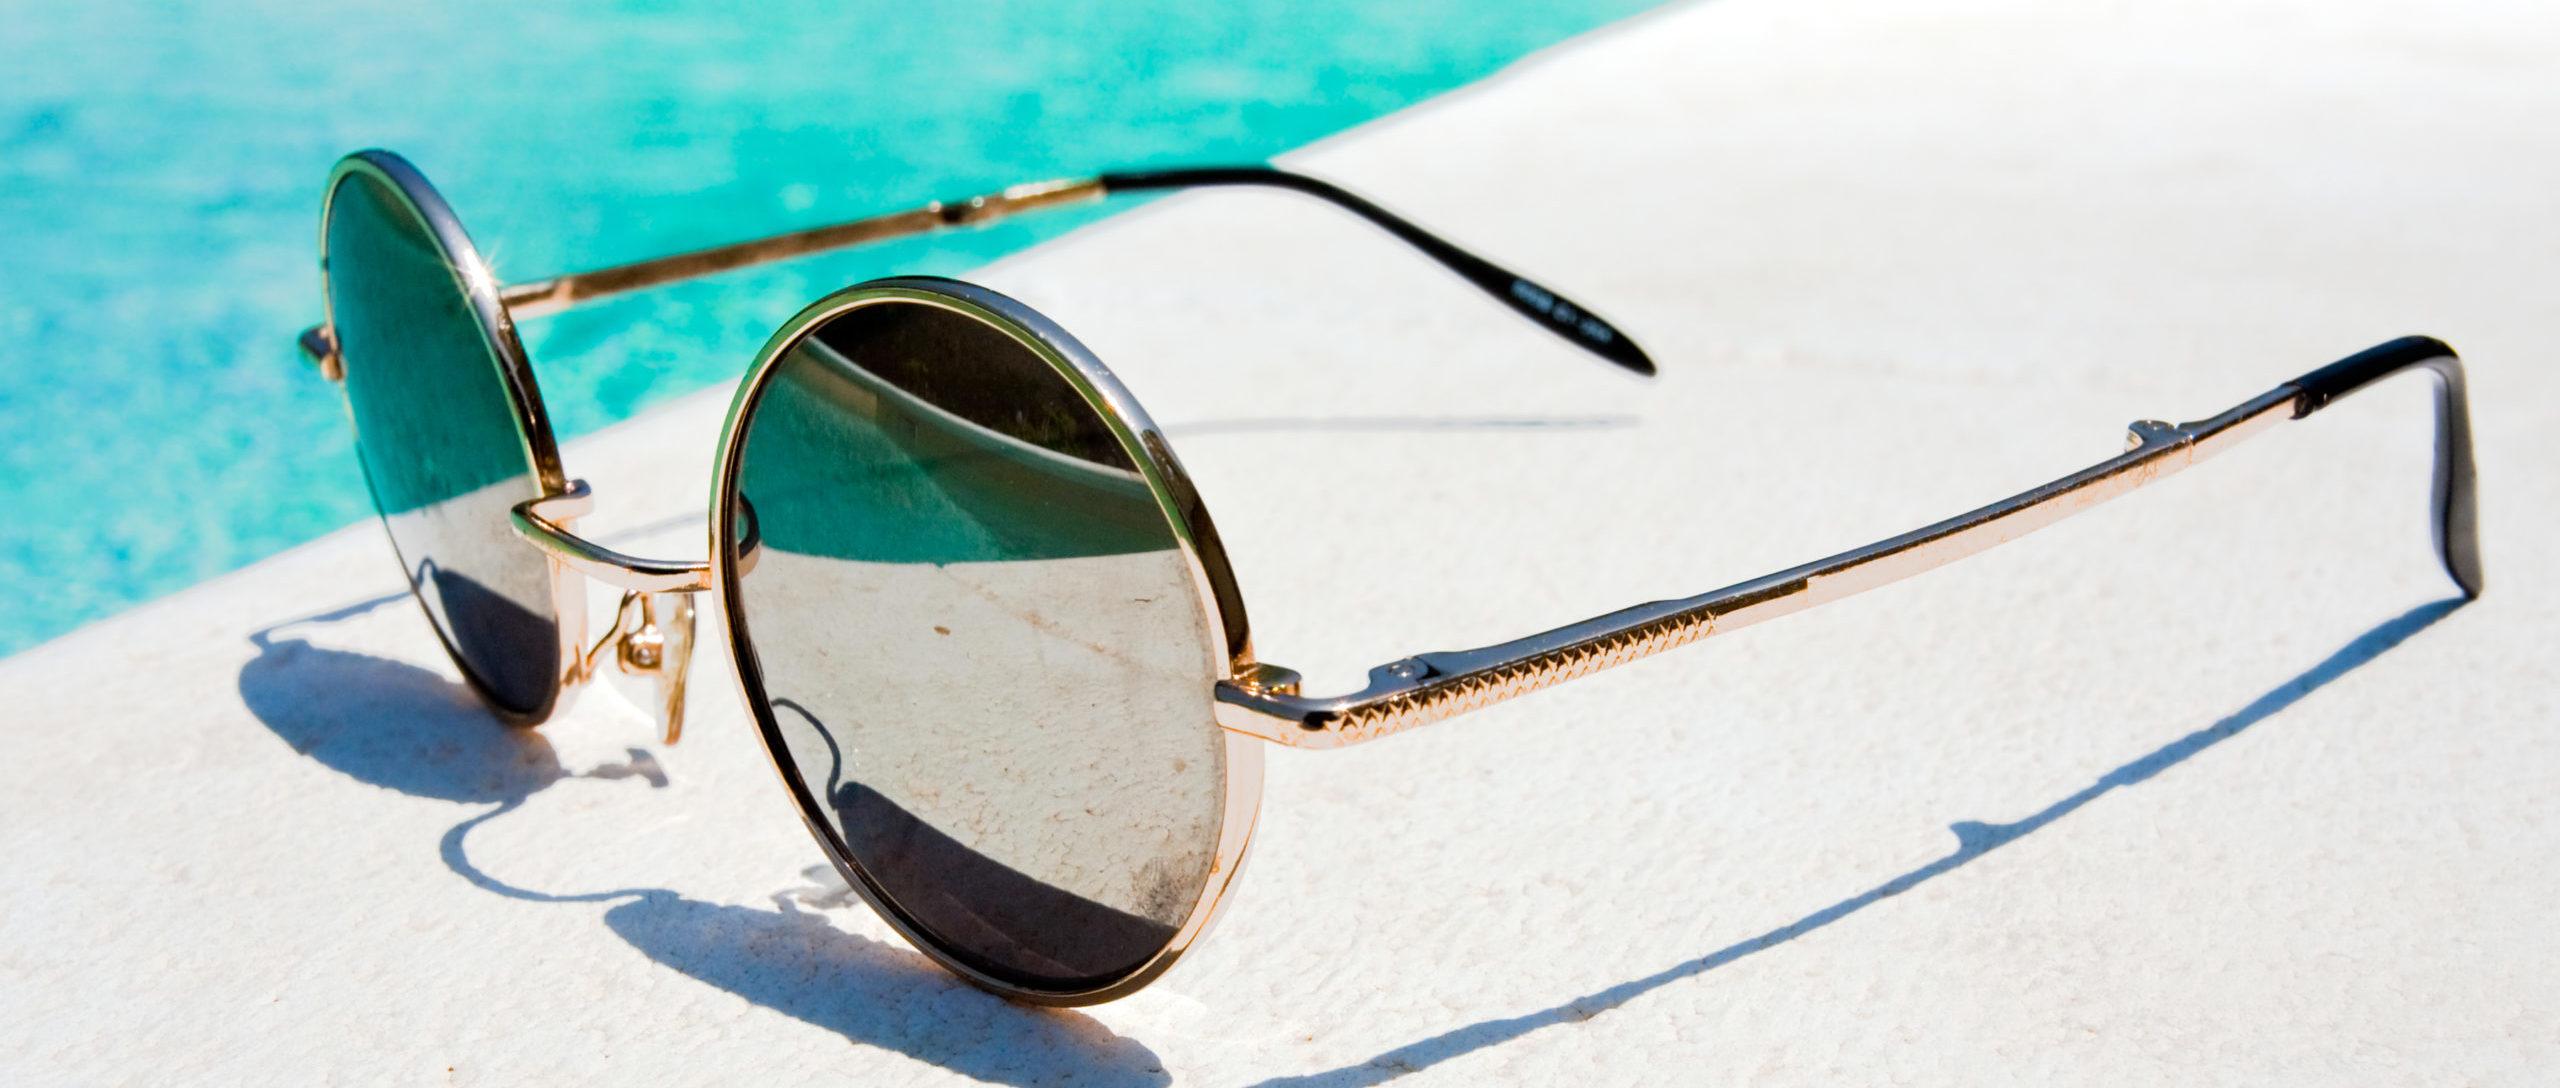 eine Sonnenbrille in groß, liegt vor Schwimmbadrand